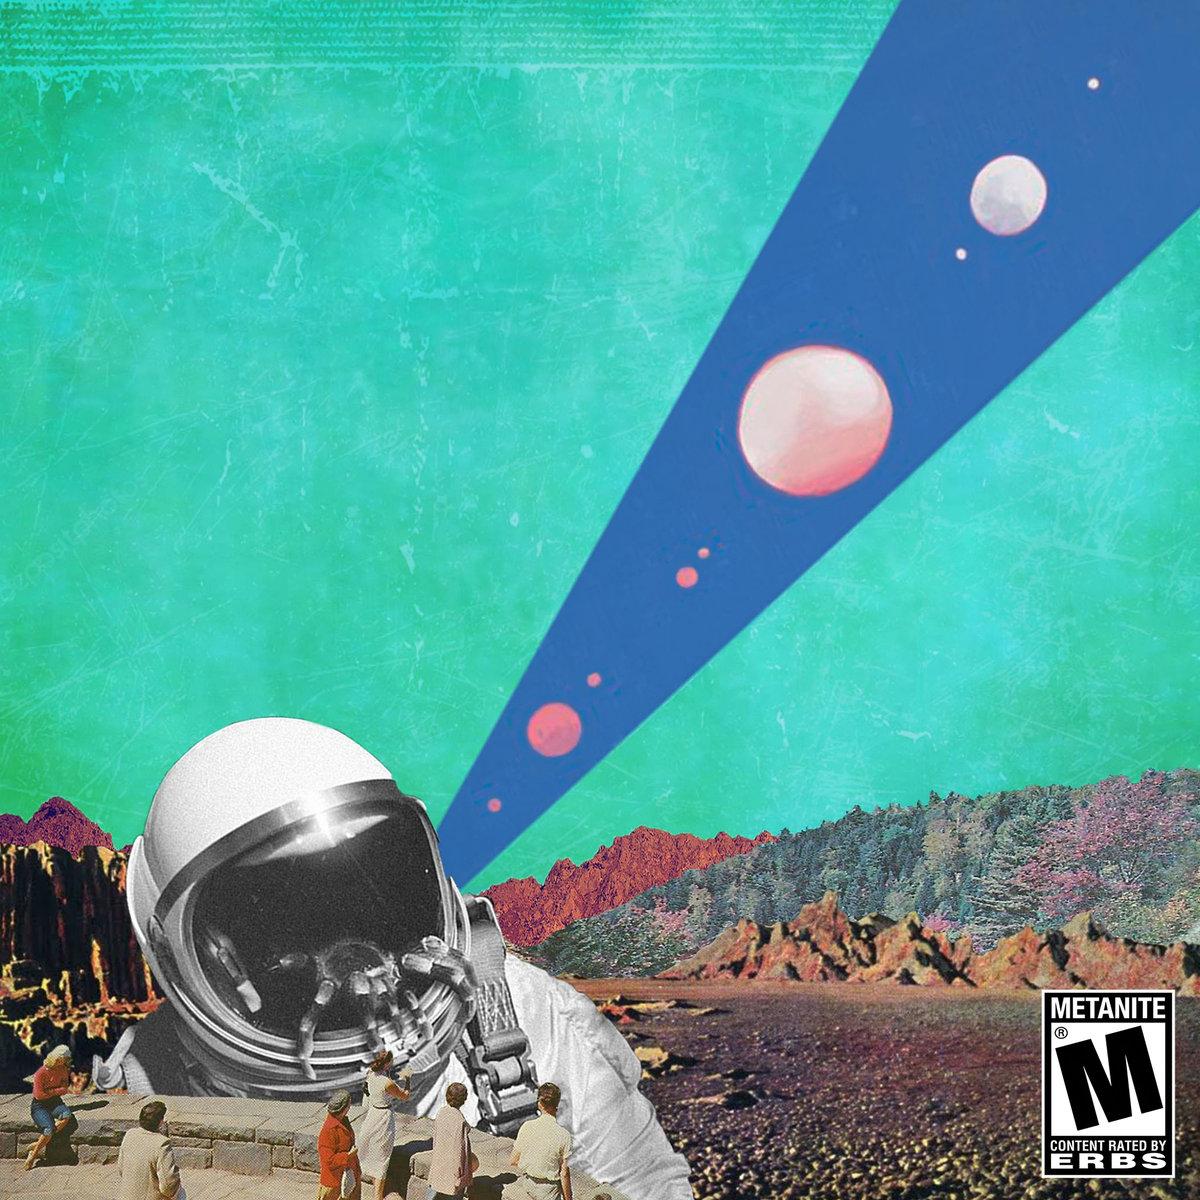 Metanite - Planet Re$onance